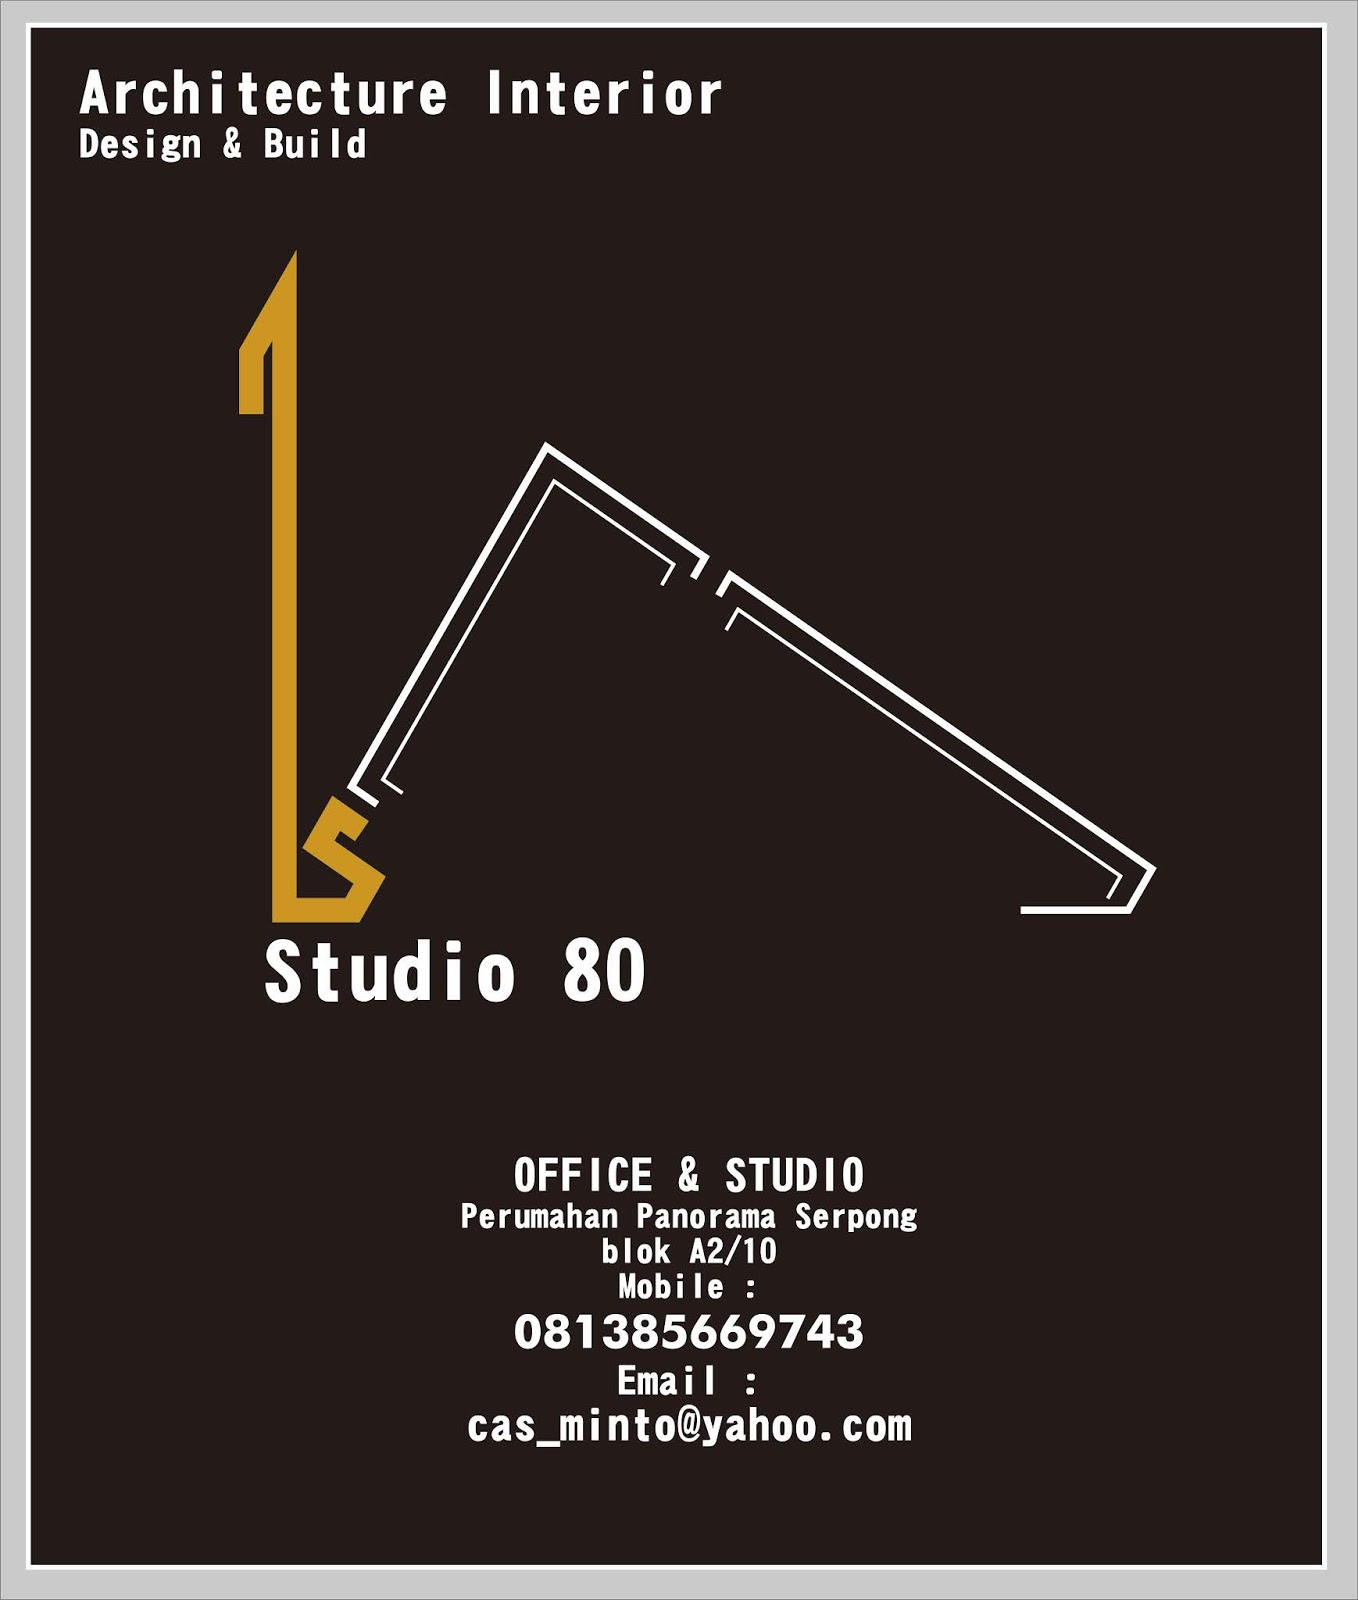 Jasa Desain Ruang Kantor Tangerang: Studio80